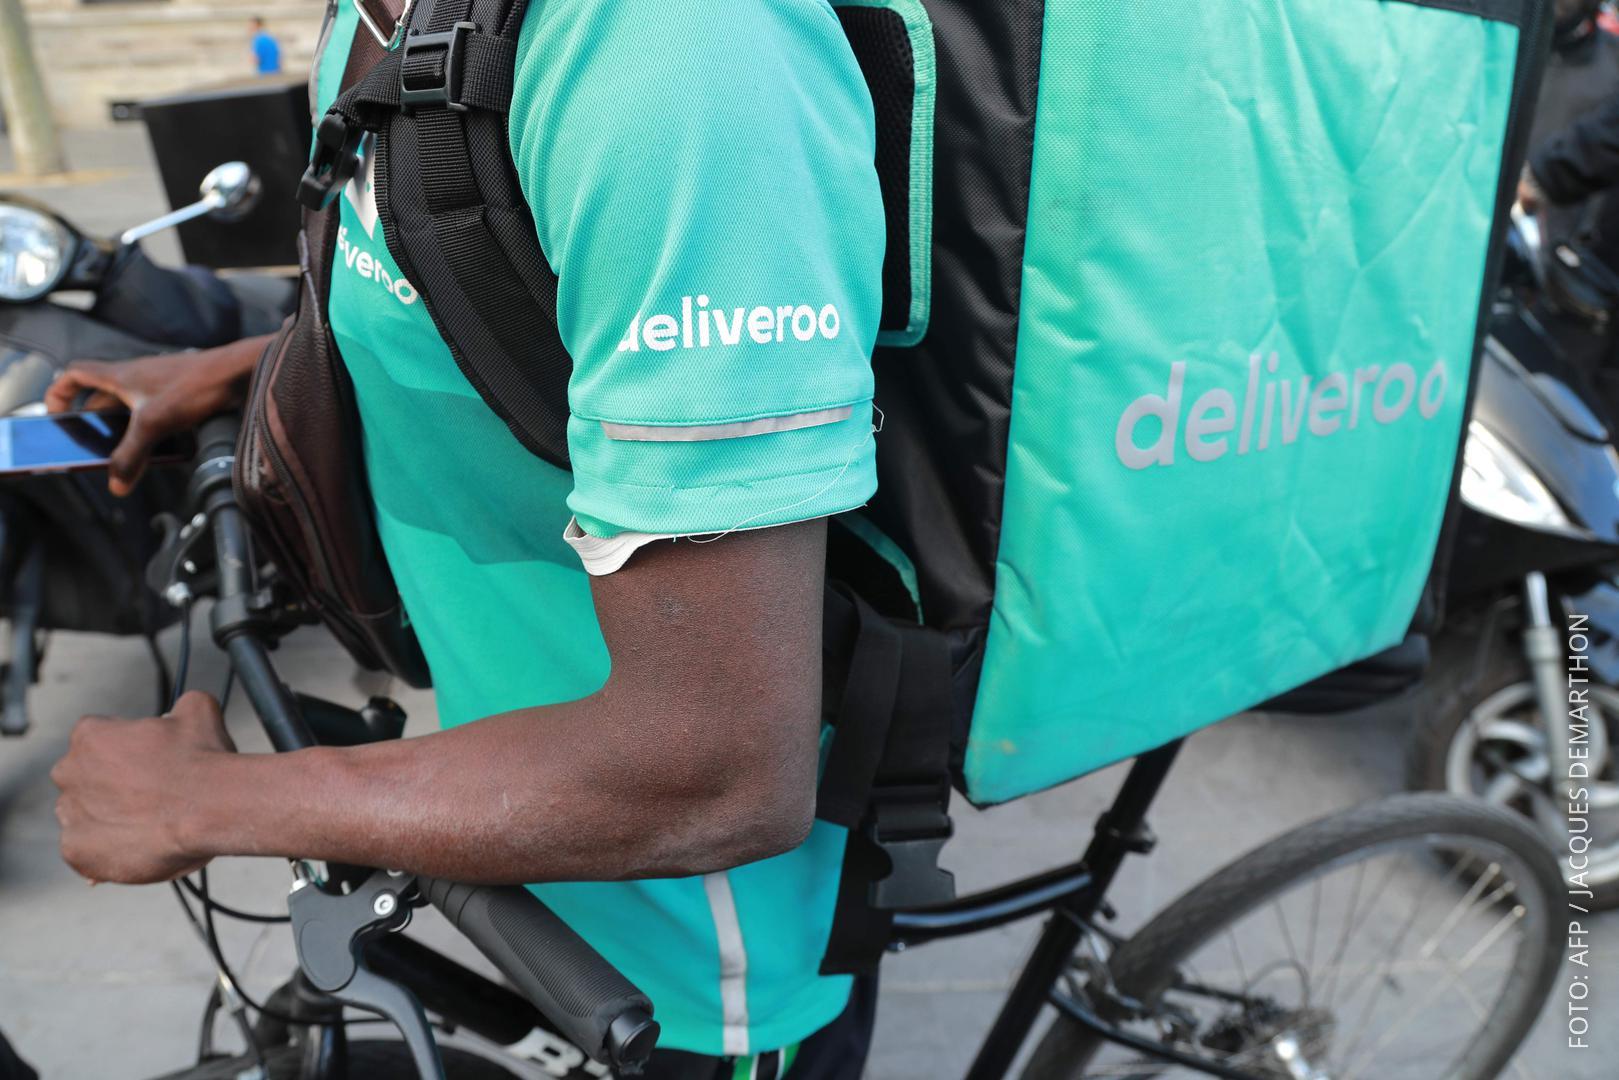 Grüne Deliveroo-Kleidung.